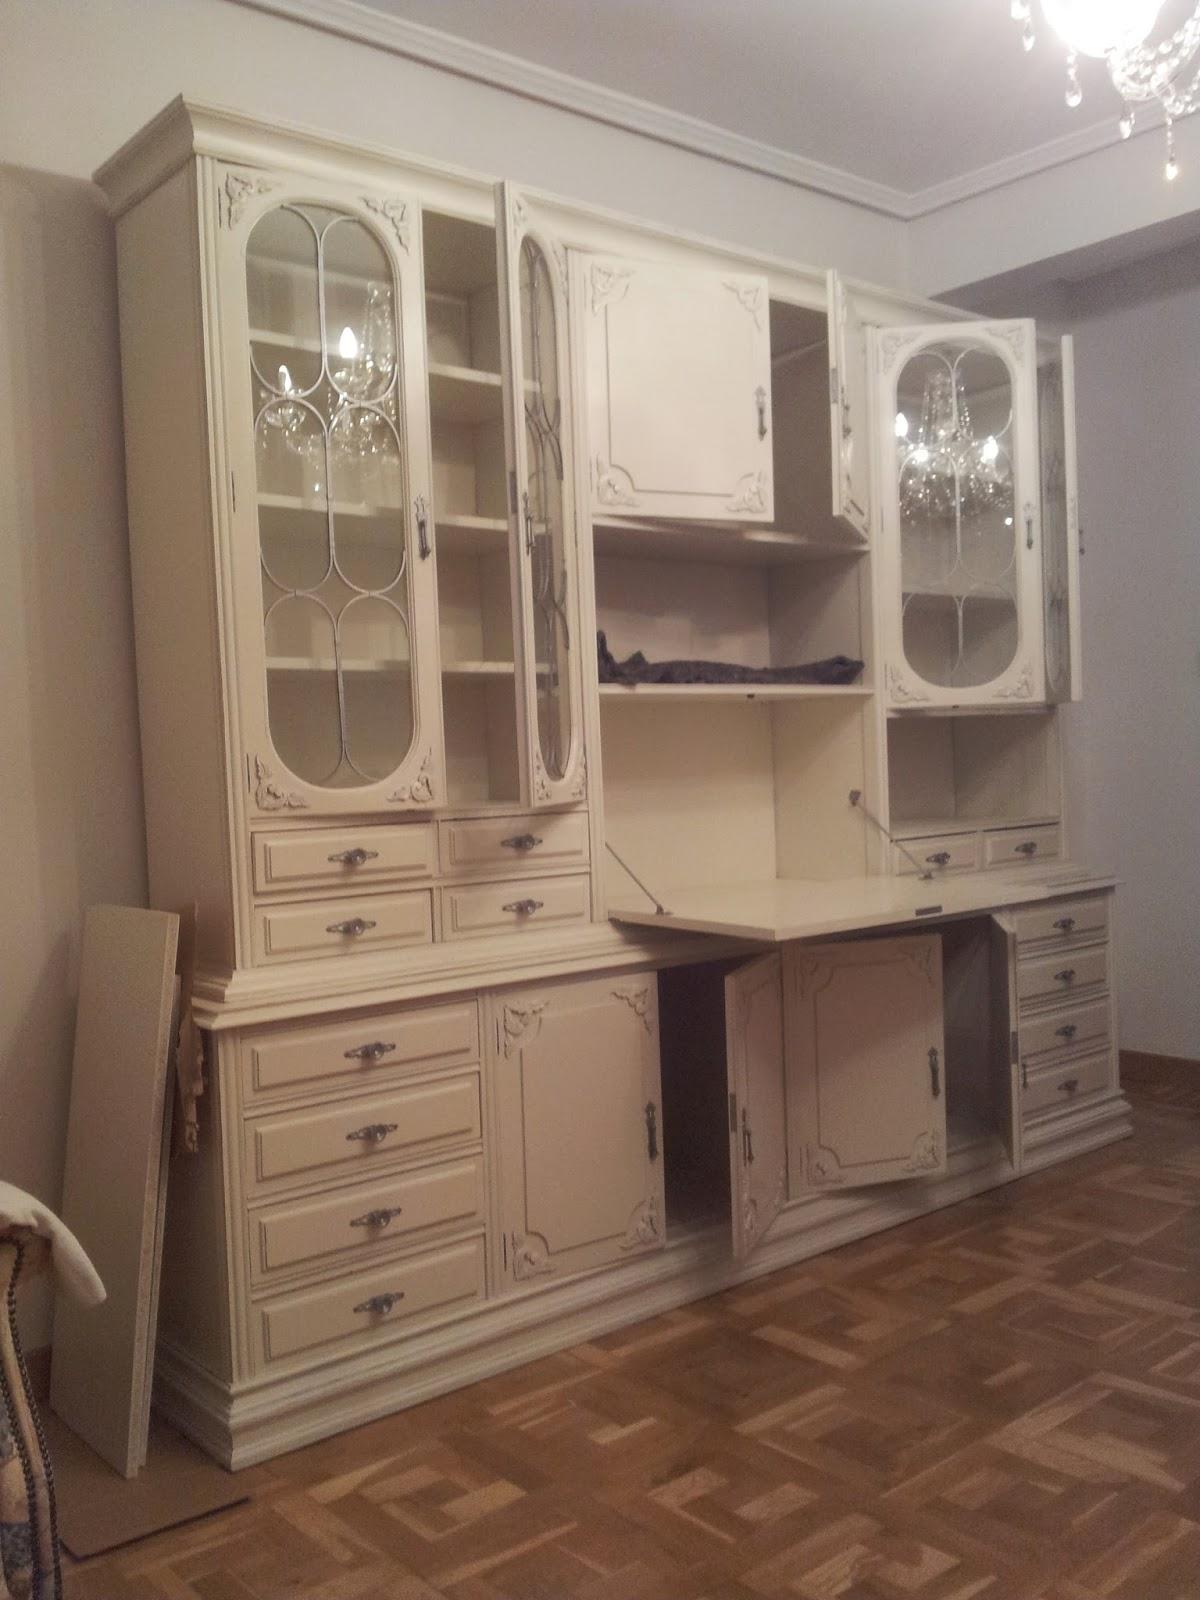 Trabajos lmb muebles antiguos - Muebles antiguos pintados de blanco ...